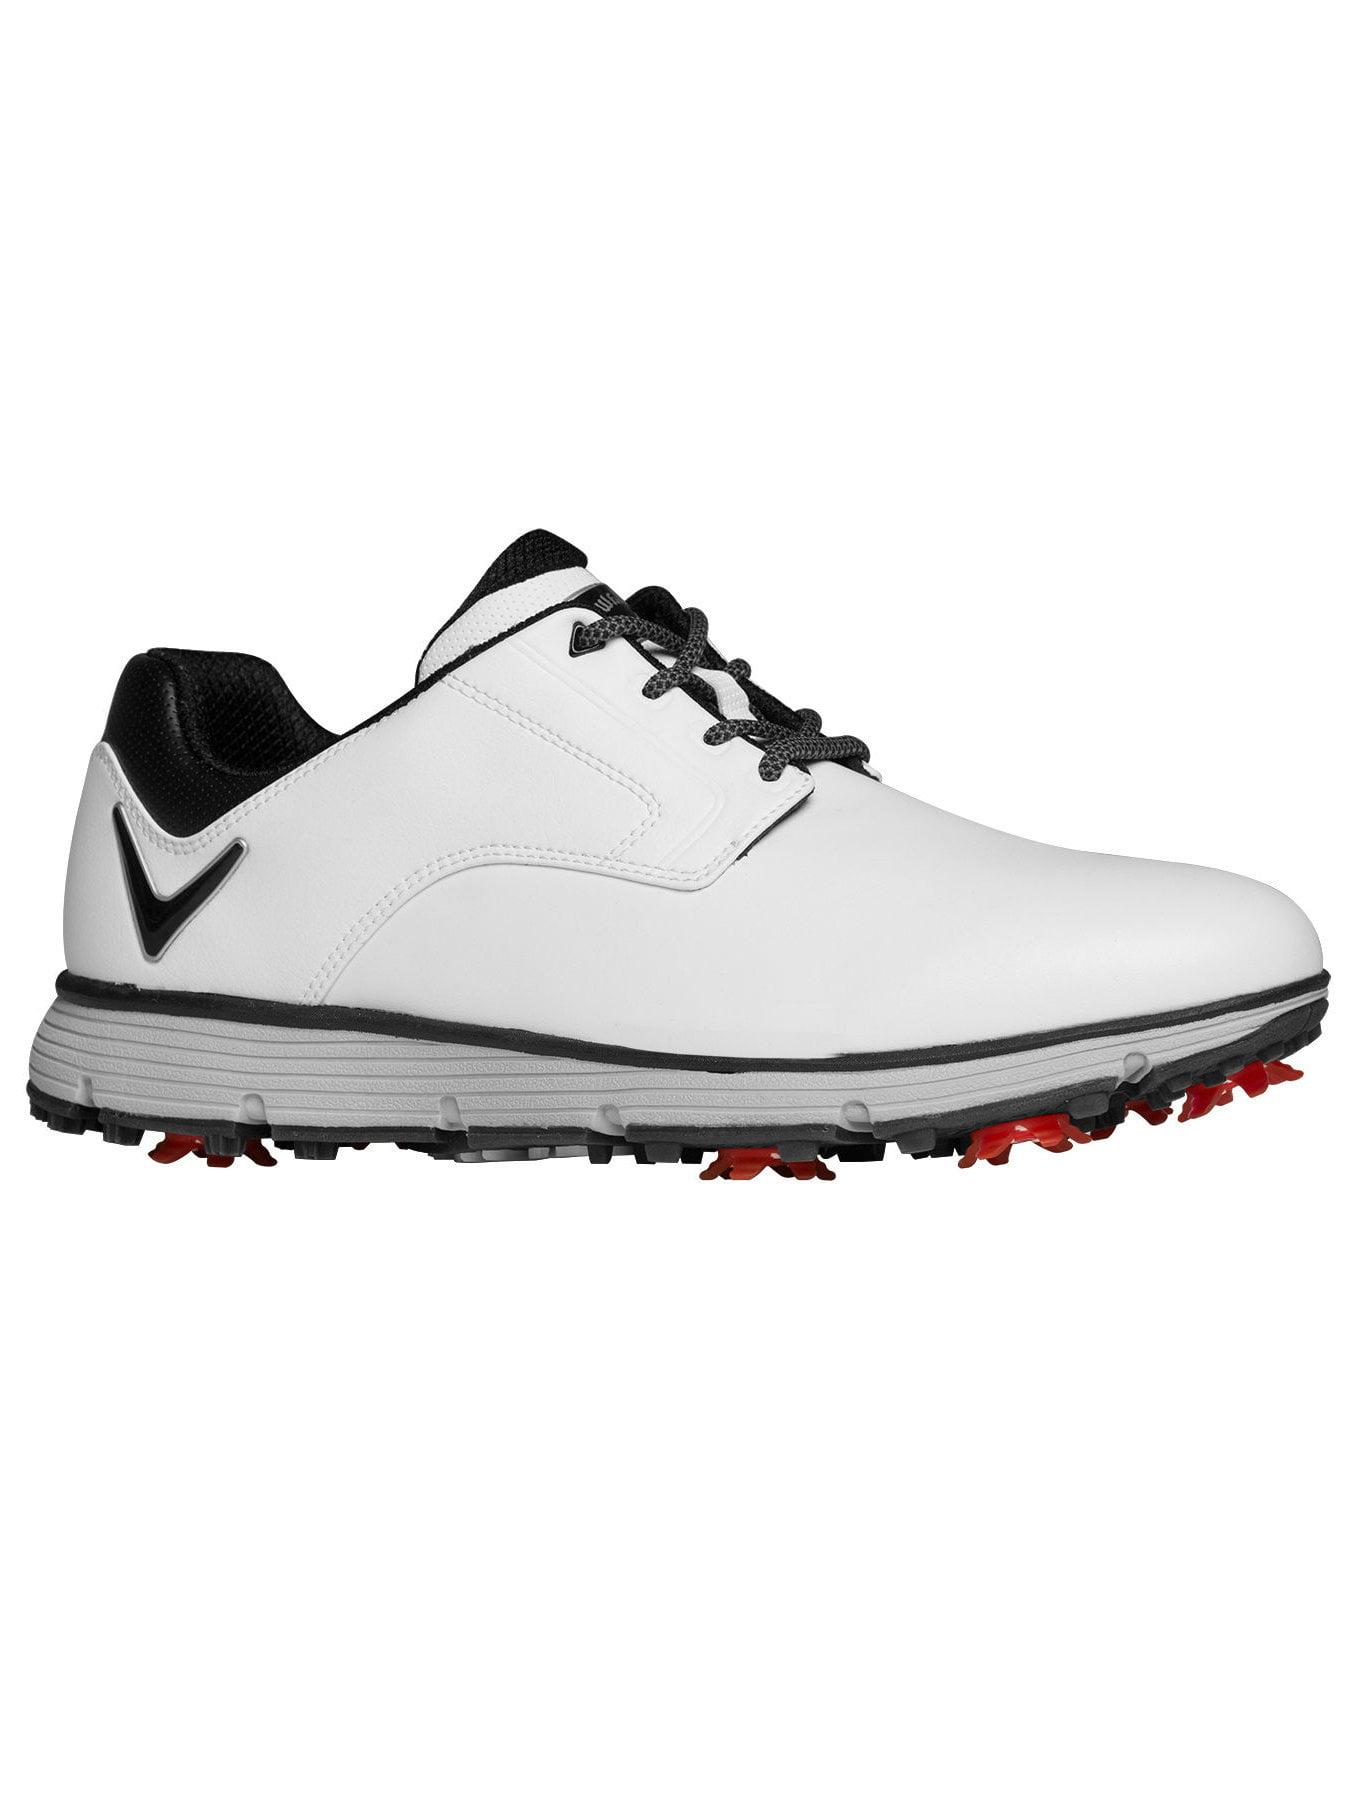 Callaway 2018 La Jolla Mens Golf Shoes